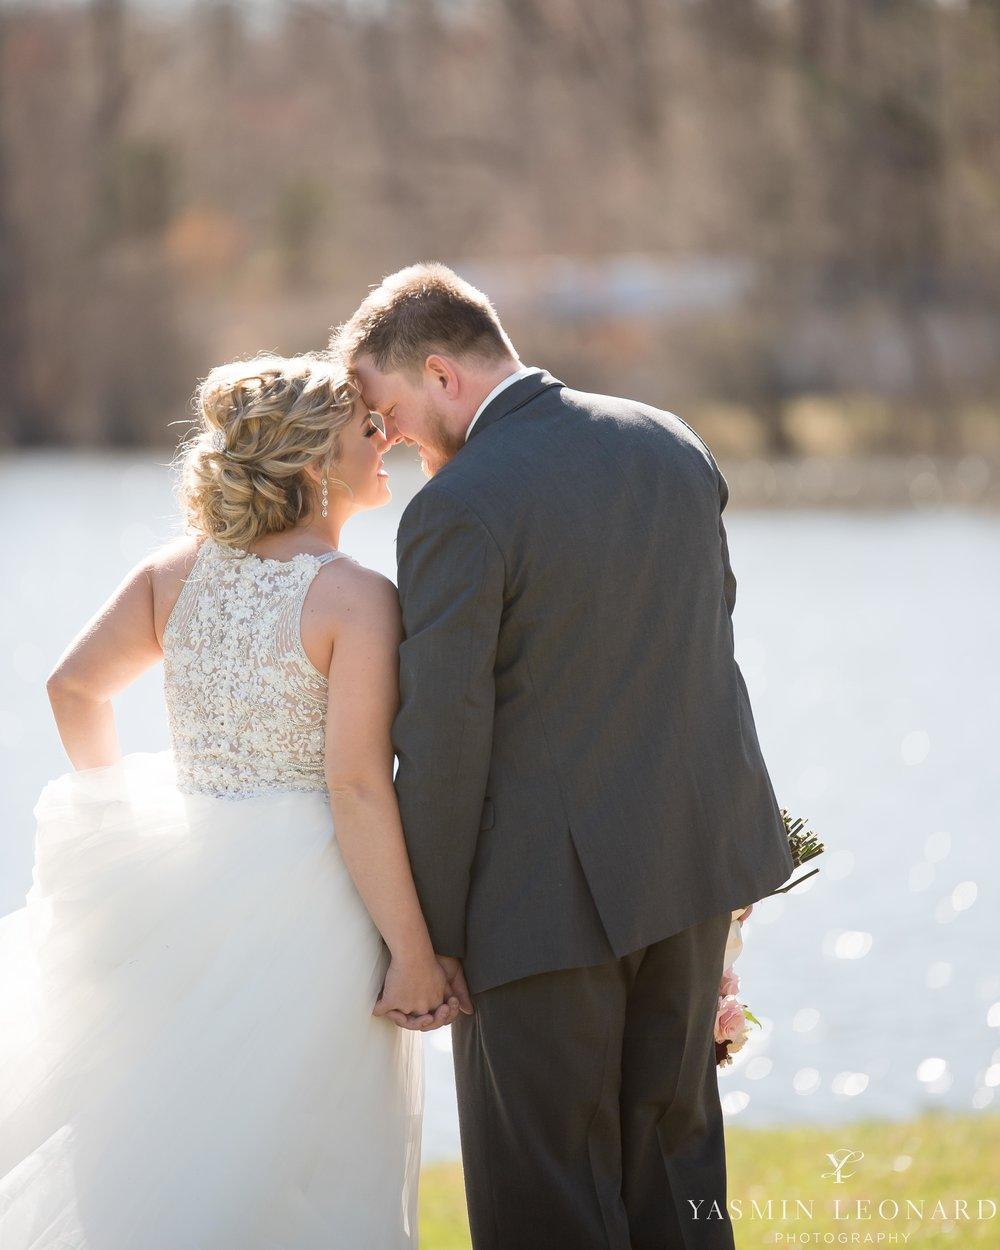 Millikan Farms - Millikan Farms Wedding - Sophia NC Wedding - NC Wedding - NC Wedding Photographer - Yasmin Leonard Photography - High Point Photographer - Barn Wedding - Wedding Venues in NC - Triad Wedding Photographer-28.jpg